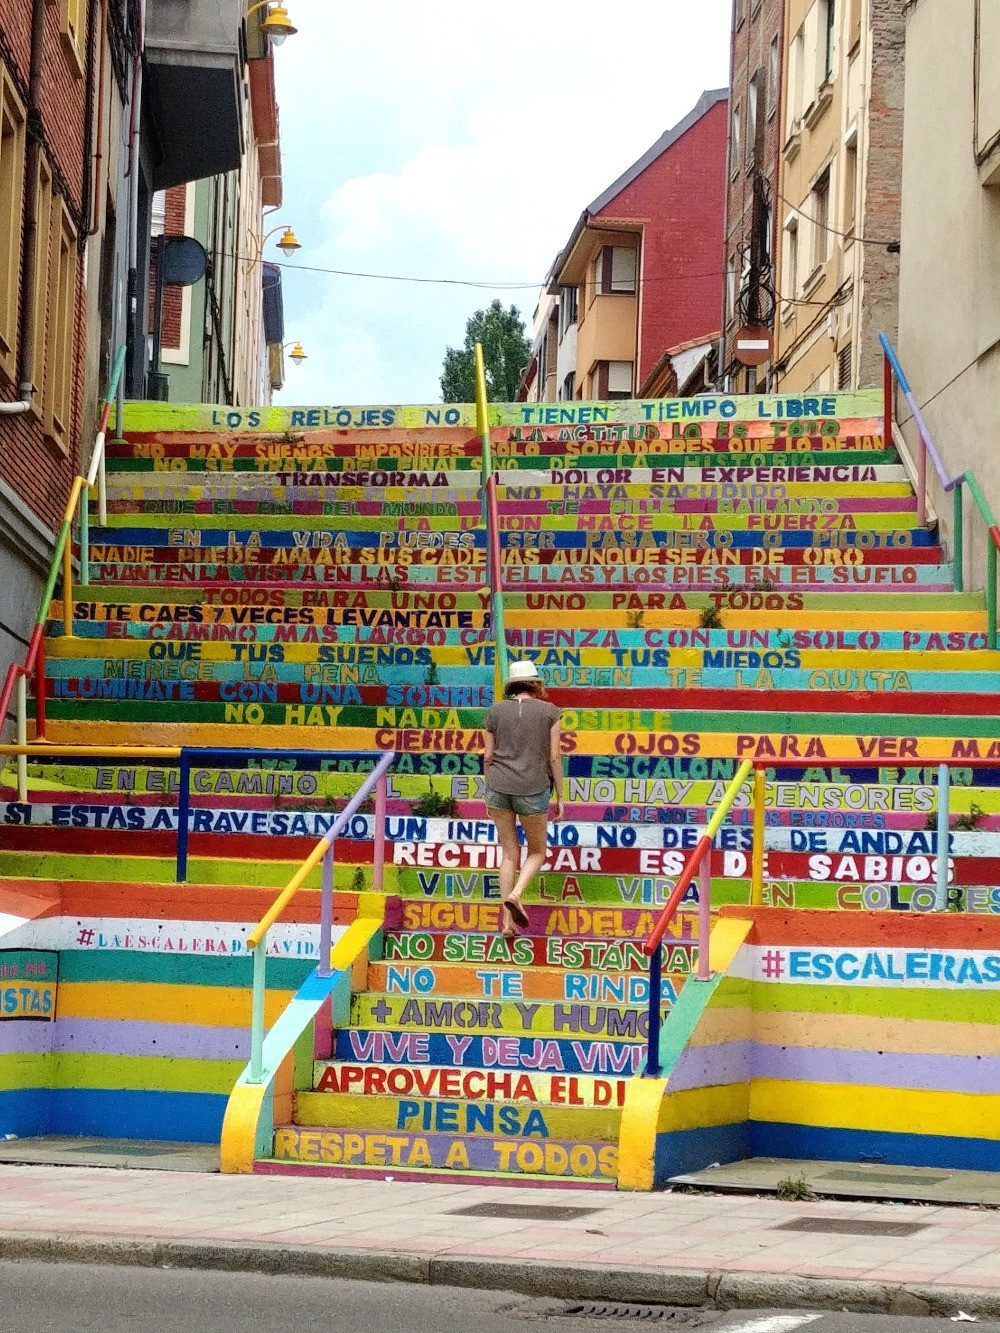 La Escalera de la Vida, León